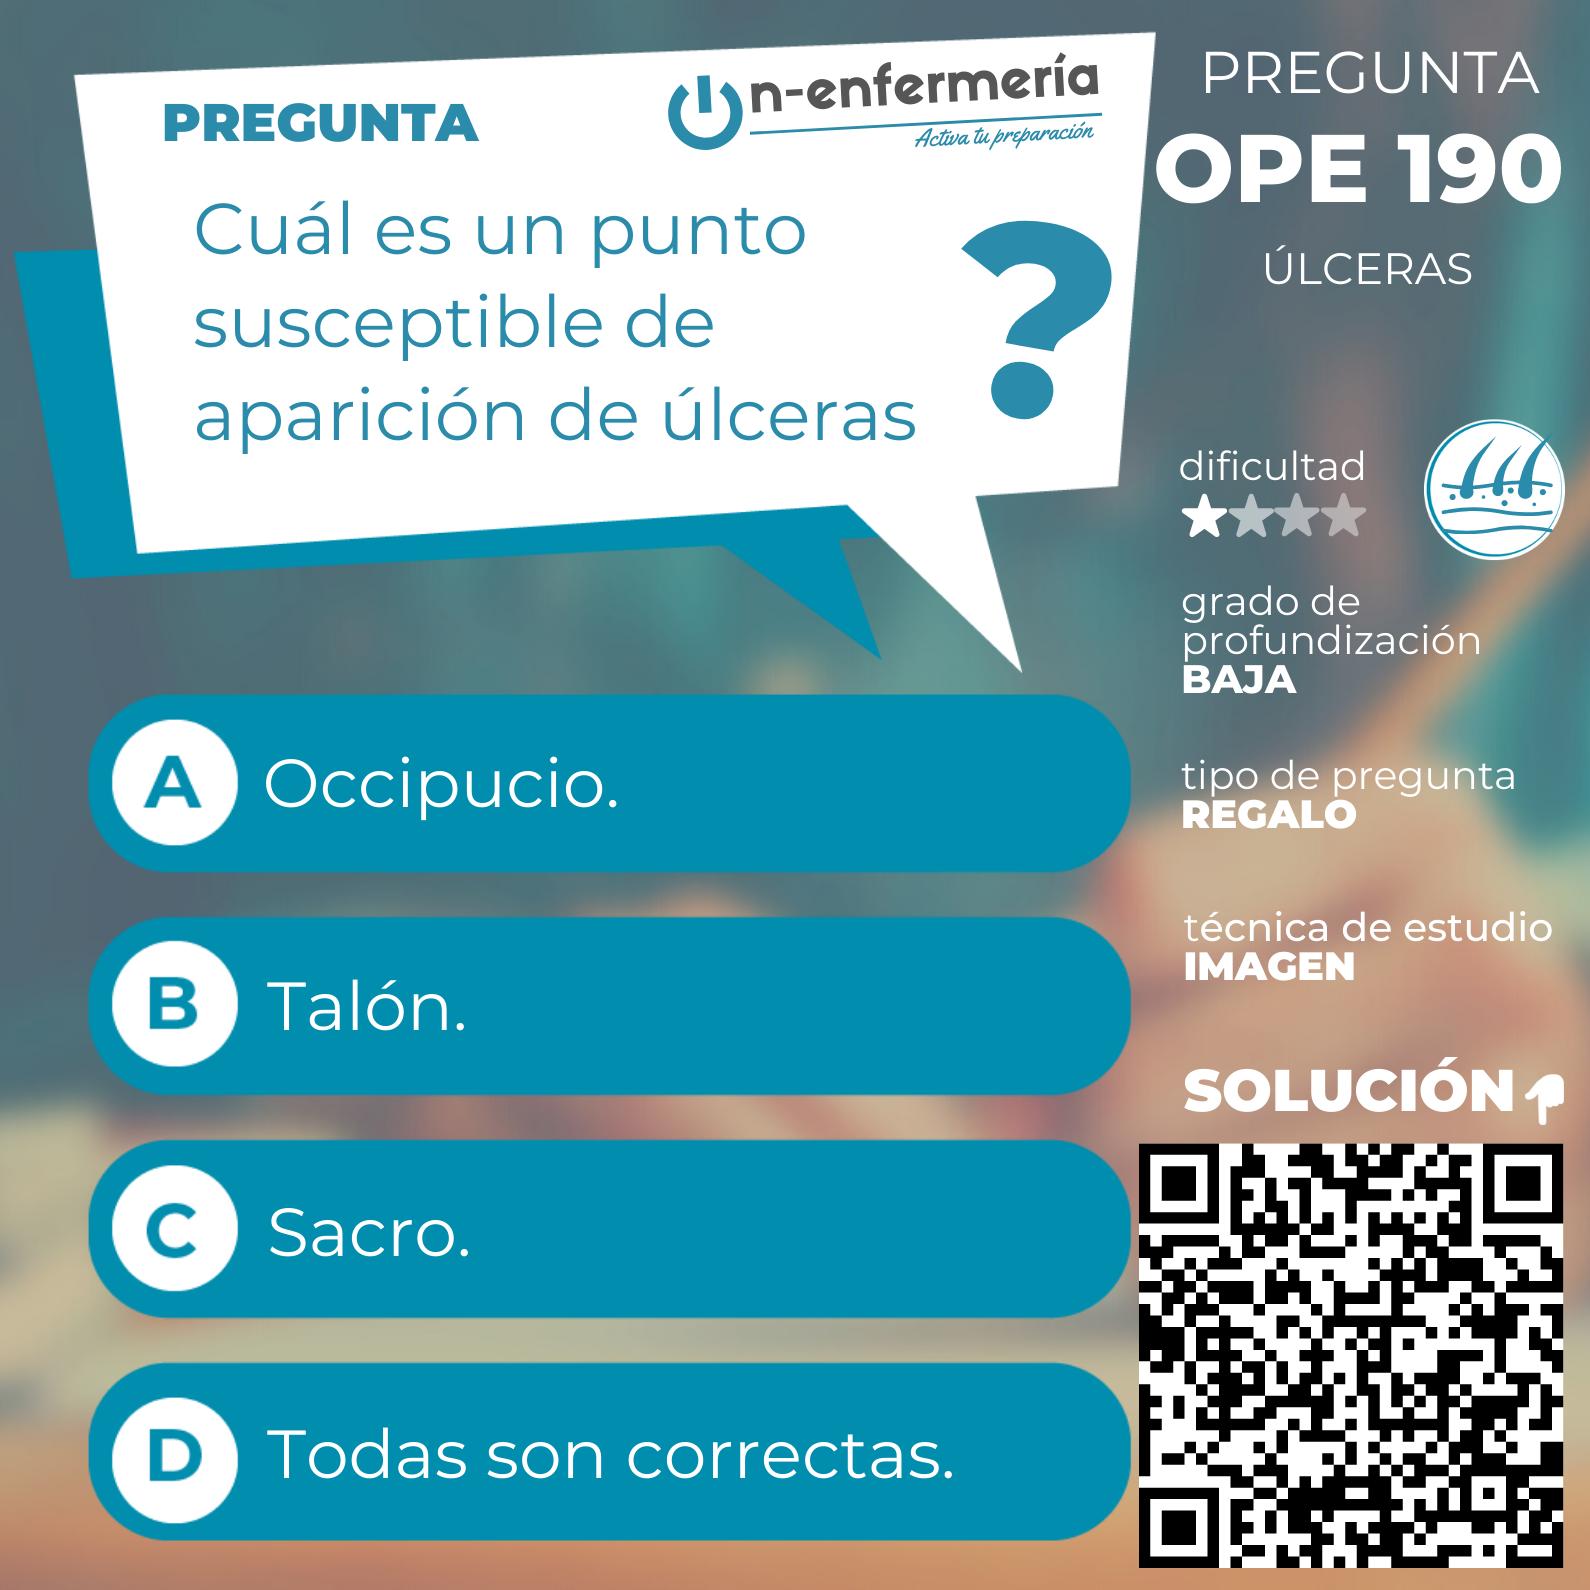 Pregunta examen OPE Enfermería nº 190 - Úlceras